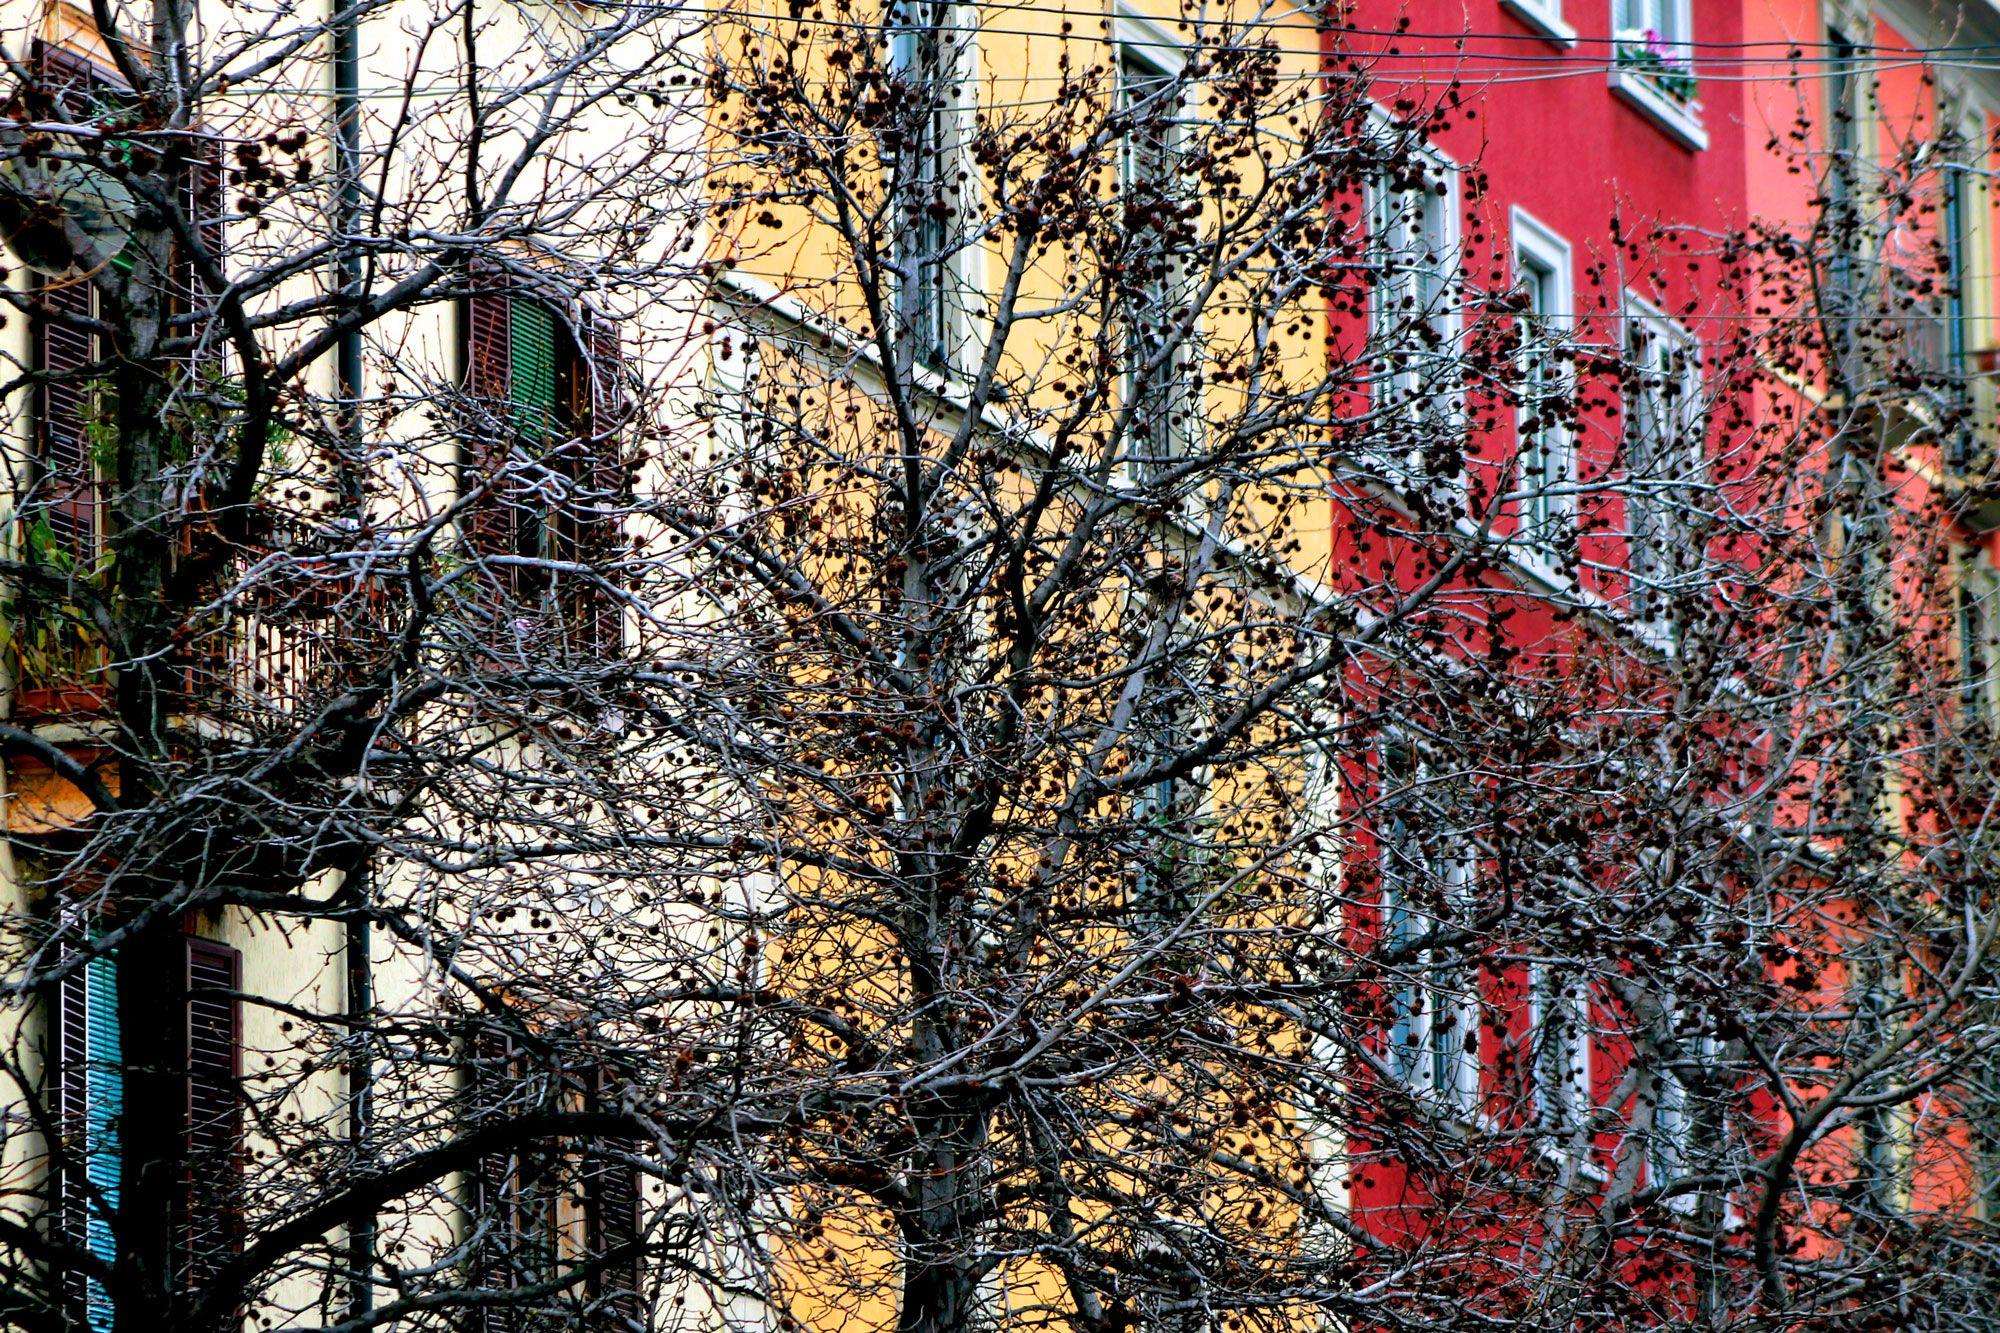 Avete una giornata o almeno una mezza giornata tutta per voi? Avete voglia di passeggiare un po' in un quartiere della vostra città così particolare da farvi dimenticare di essere a Milano?